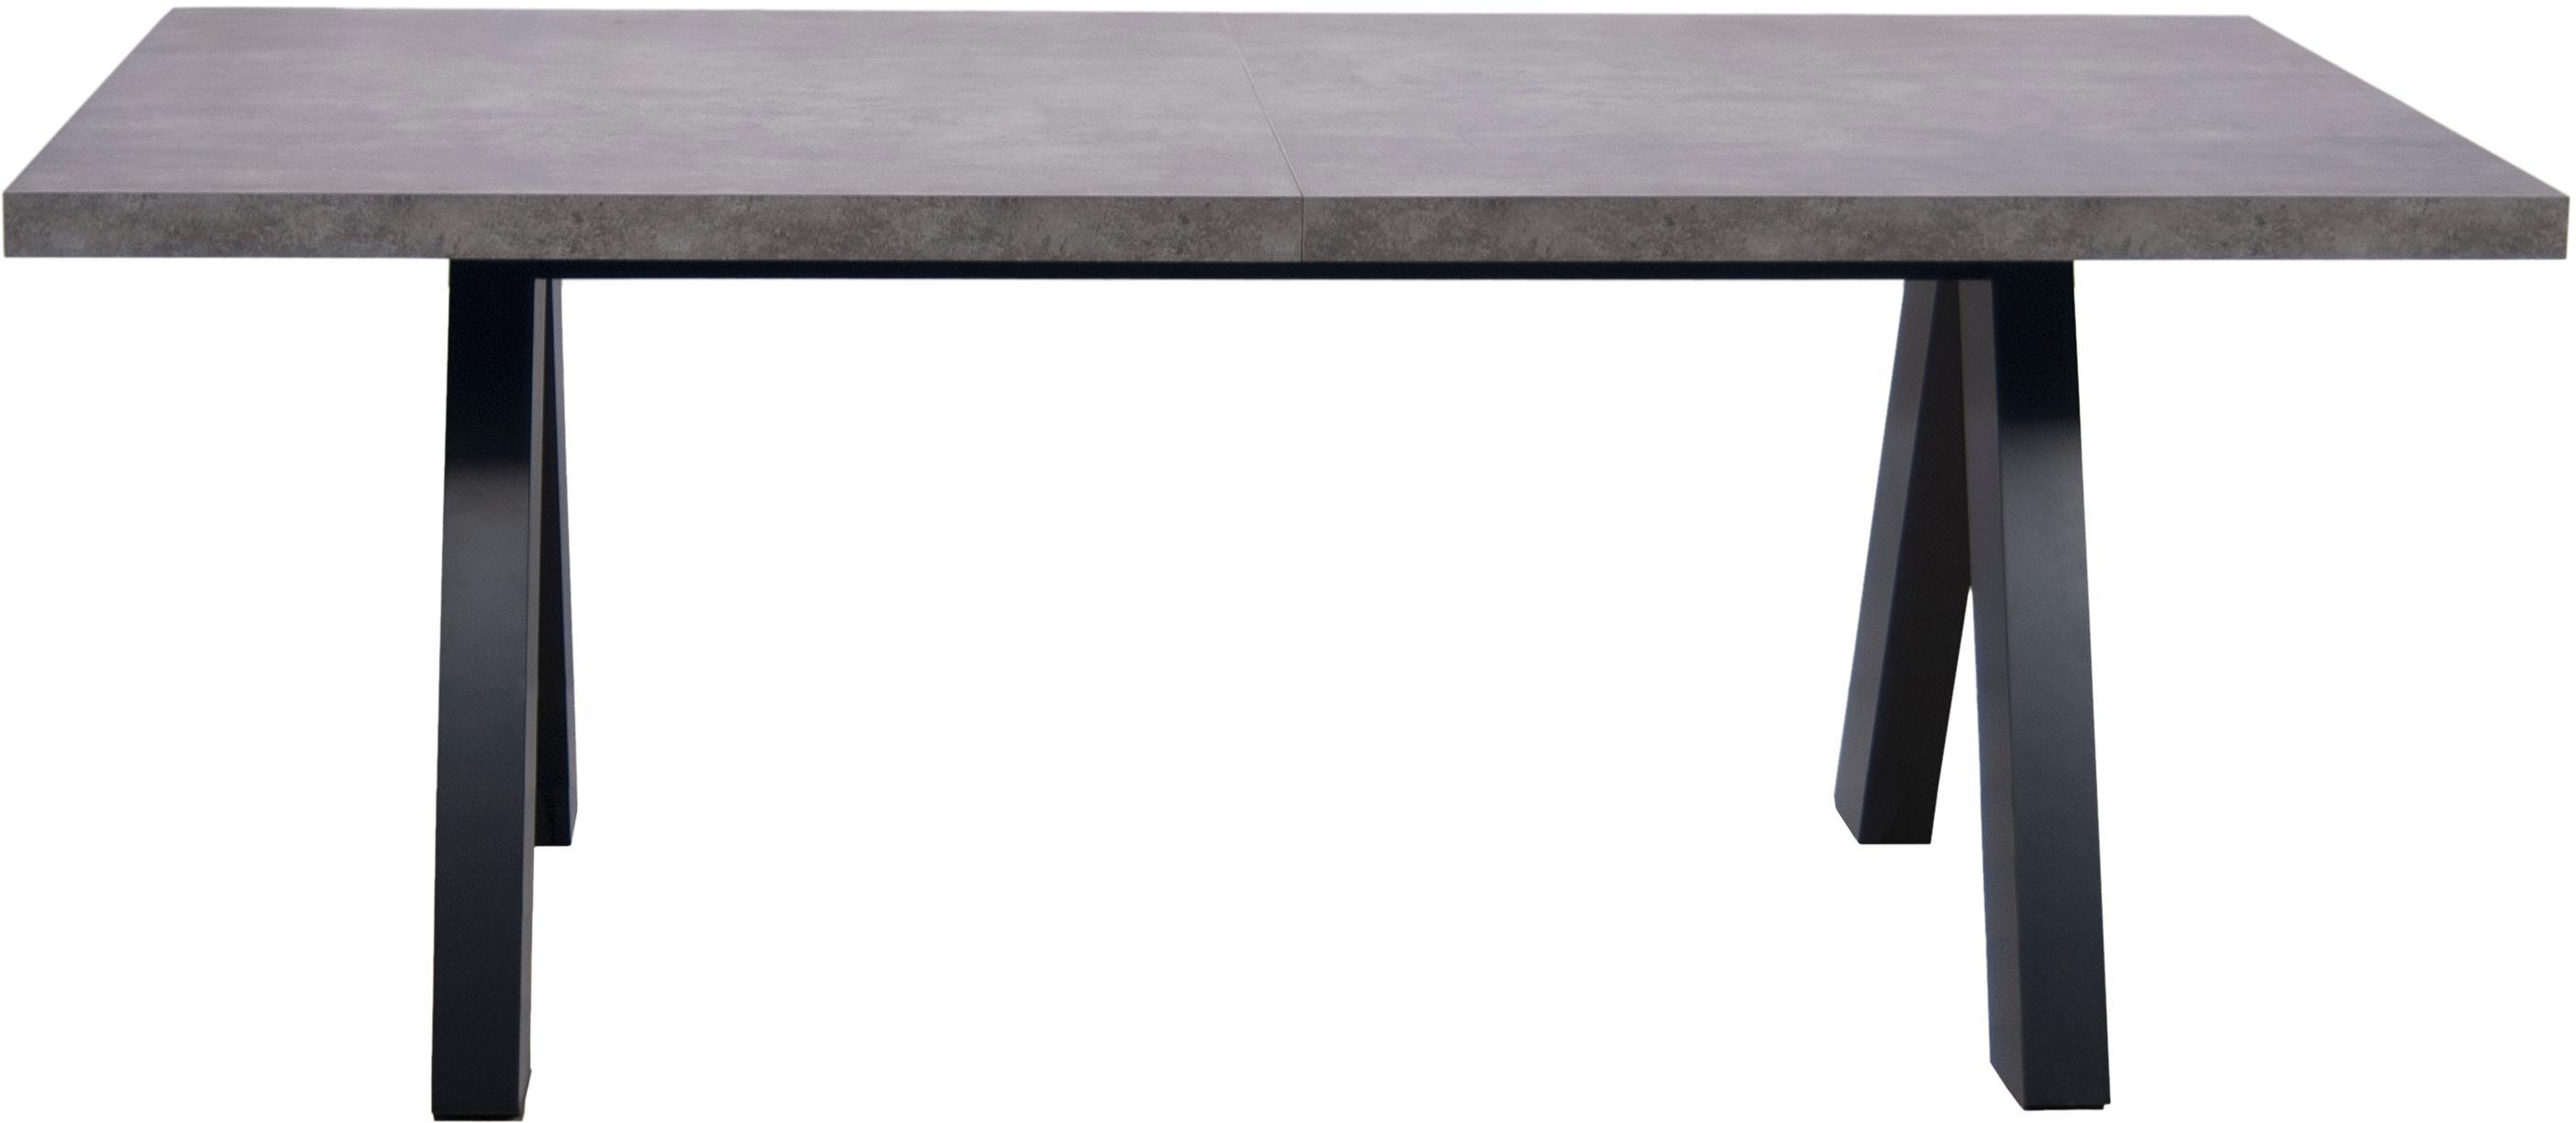 Stół rozsuwany do jadalni z imitacji betonu Apex, Nogi: płyta pilśniowa średniej , Imitacja betonu, czarny, S 200 do 250 x G 100 cm